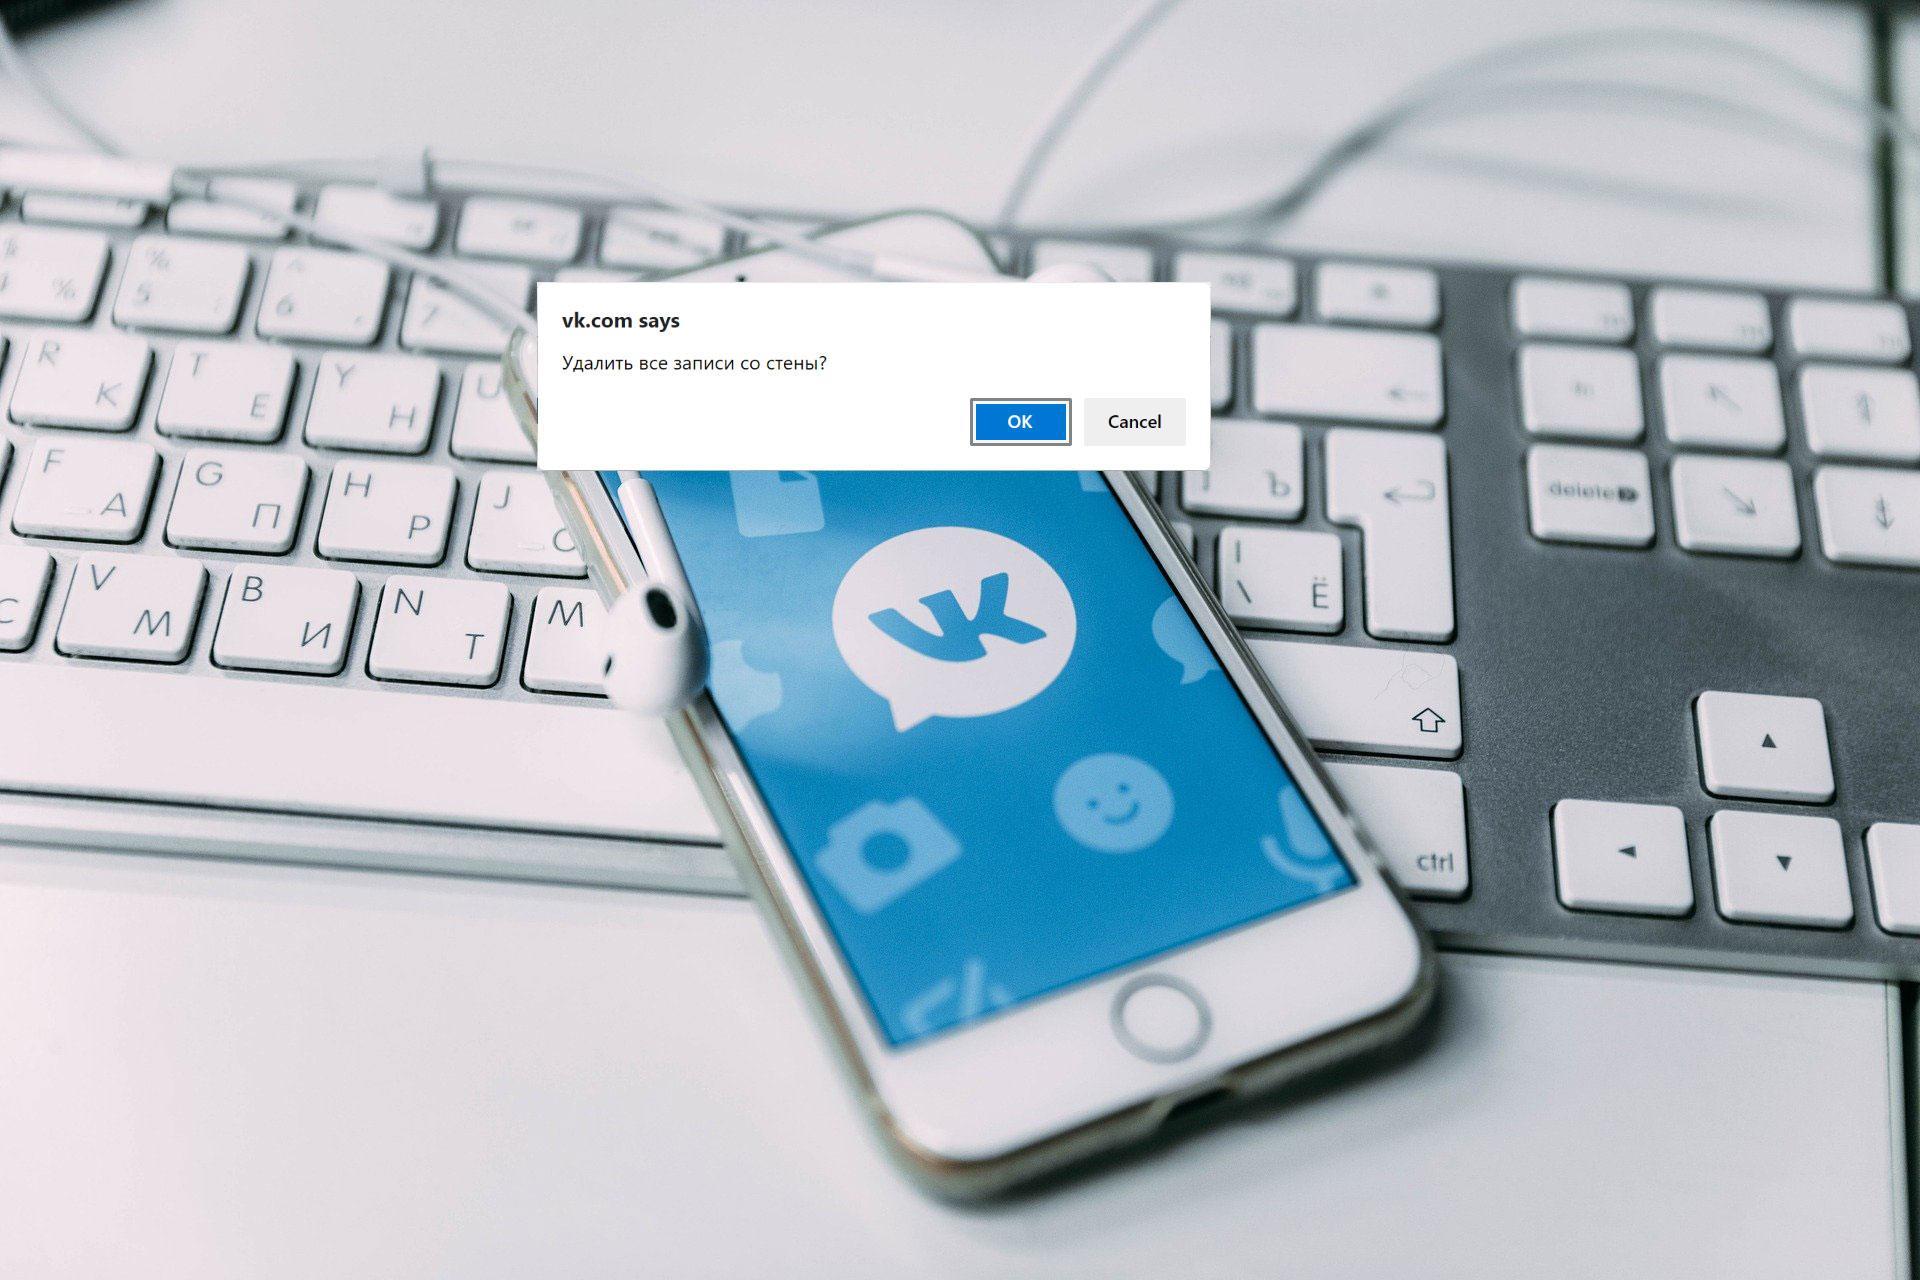 Лайфхак: какмоментально очистить стену «Вконтакте» отзаписей